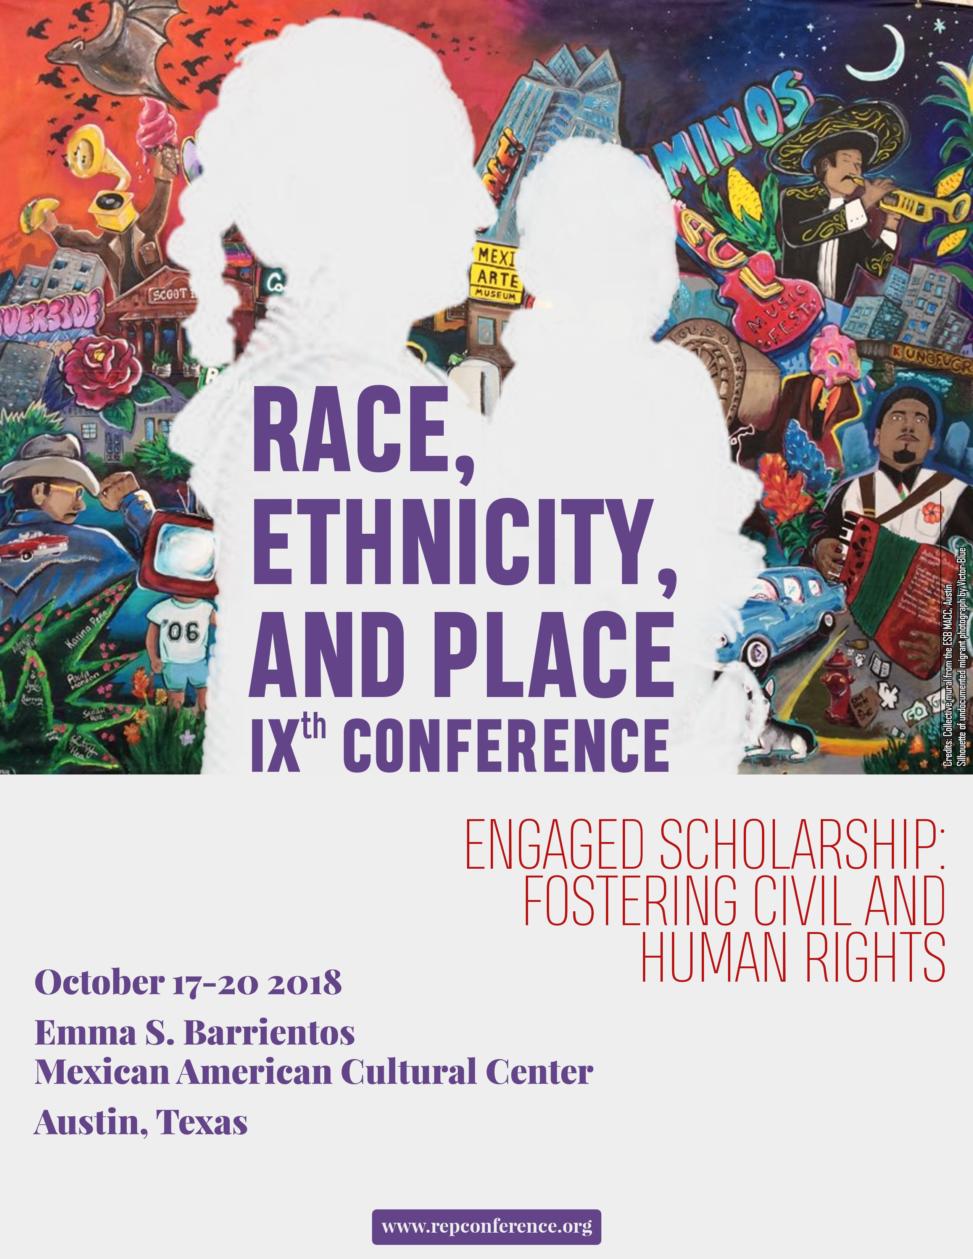 """Affiche de la IXe Conférence """"Race, Ethnicity, and Place"""""""